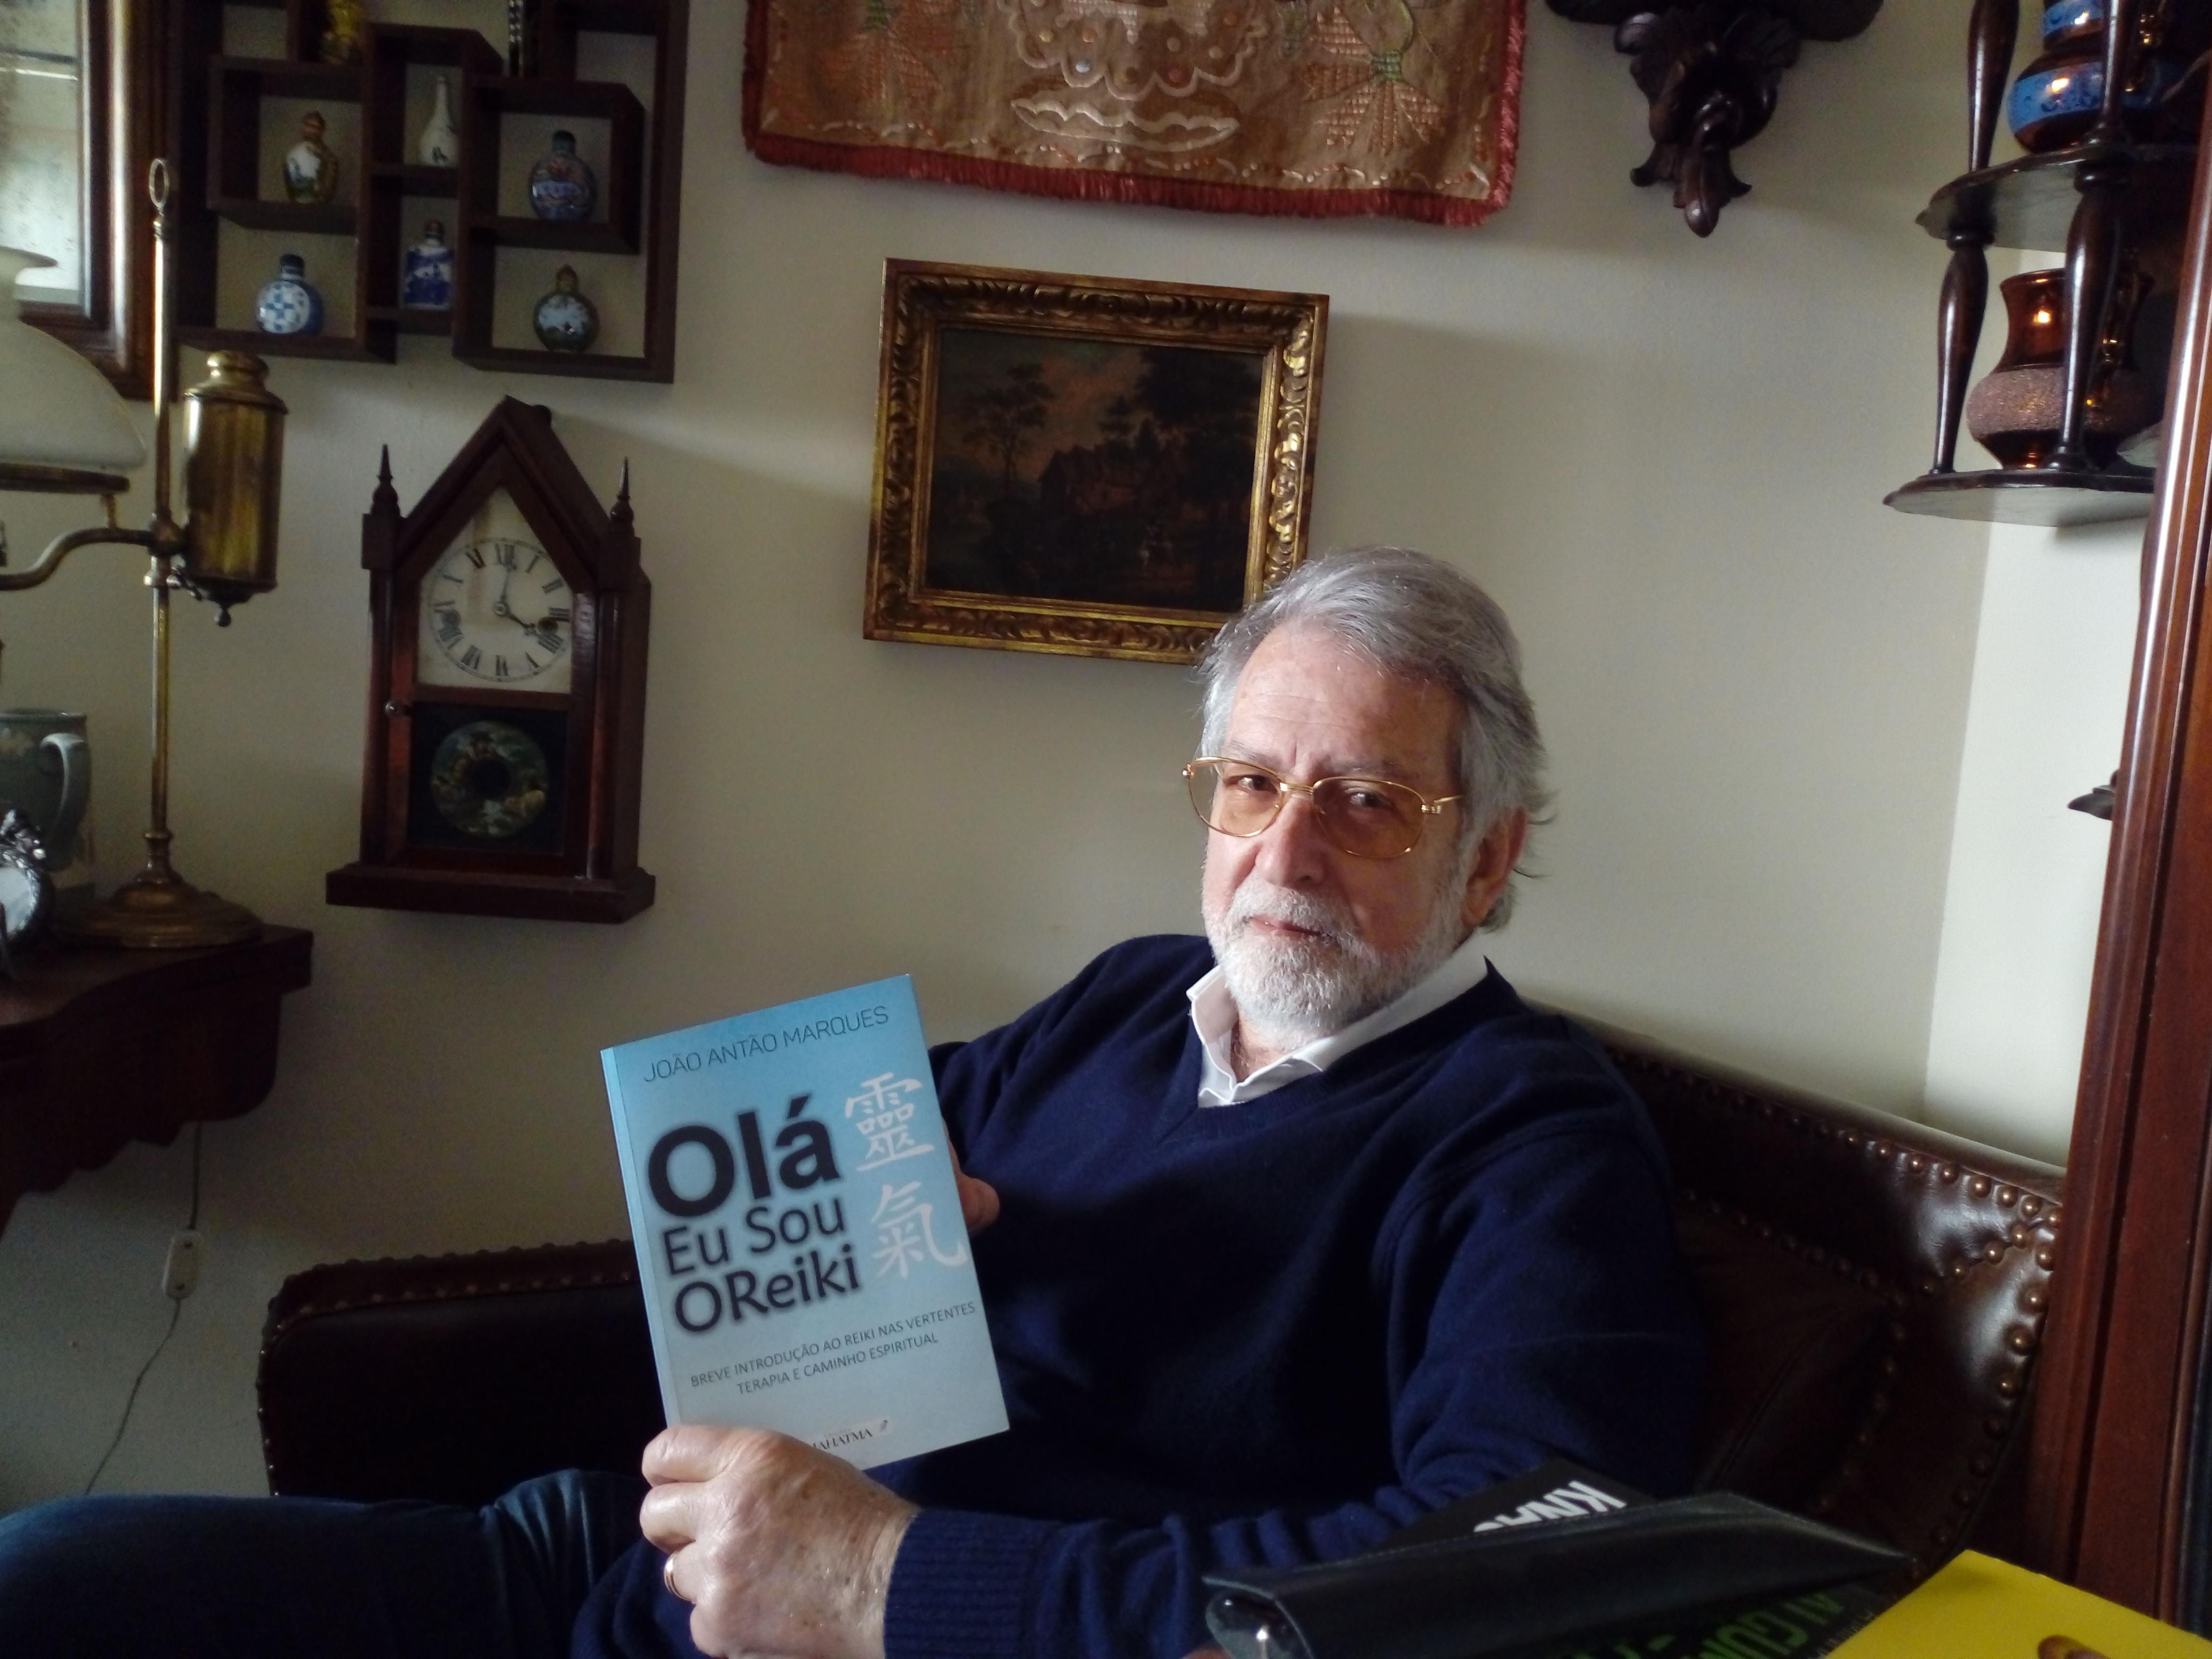 Entrevista a João Marques, autor do livro Olá Eu Sou o Reiki